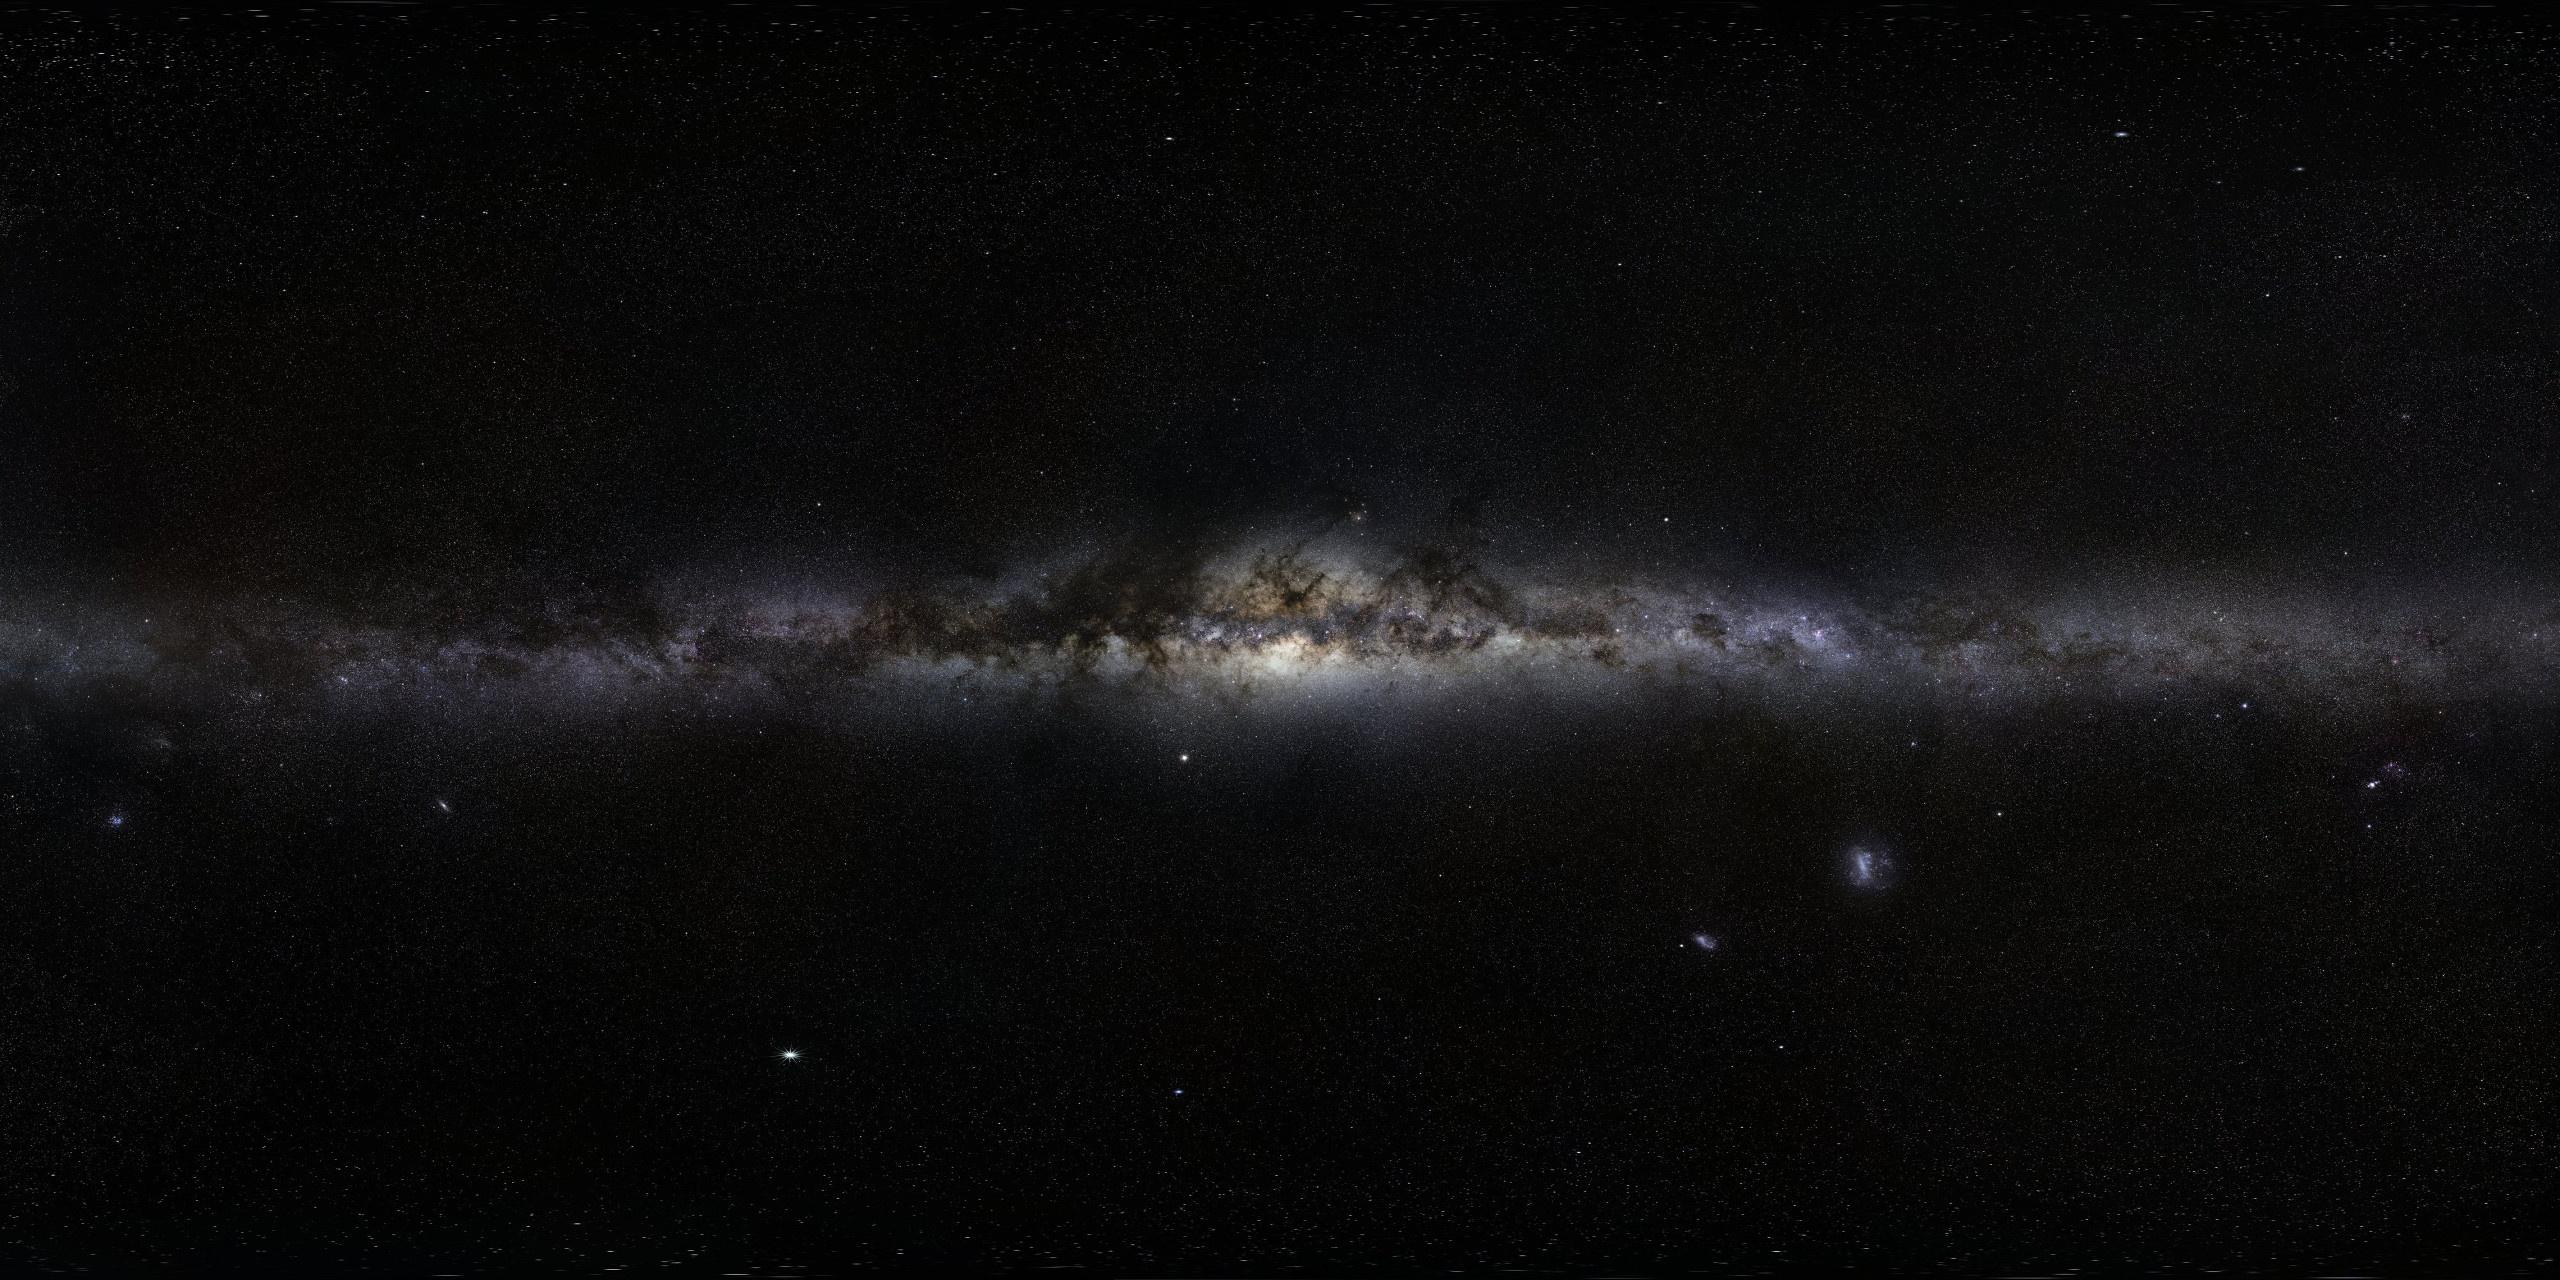 панорама космоса